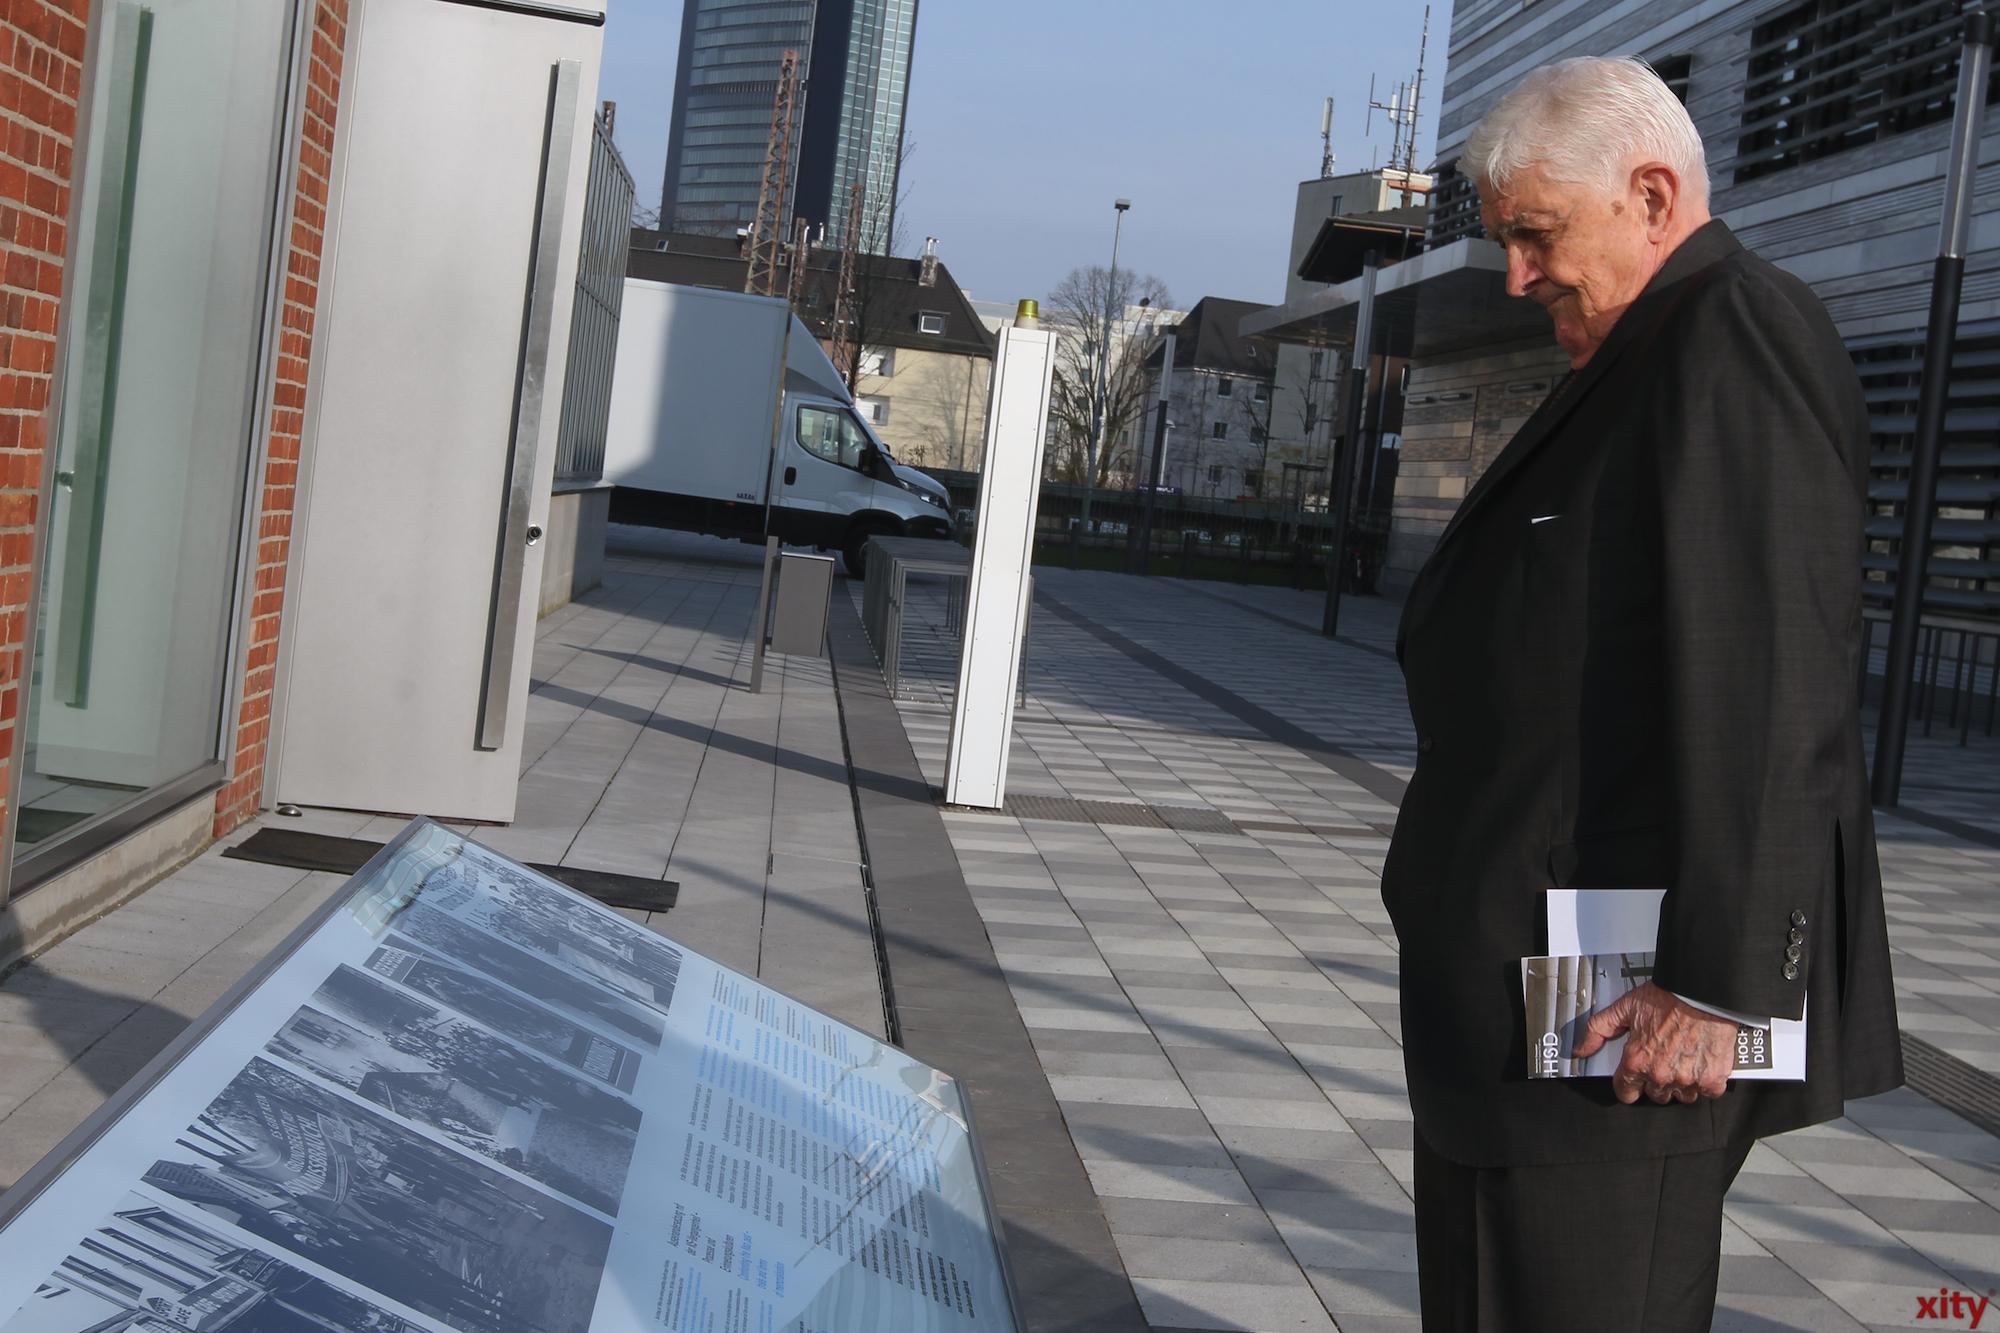 Dr. Dr. Burkhard besichtigte den Erinnerungsort (Foto: xity)